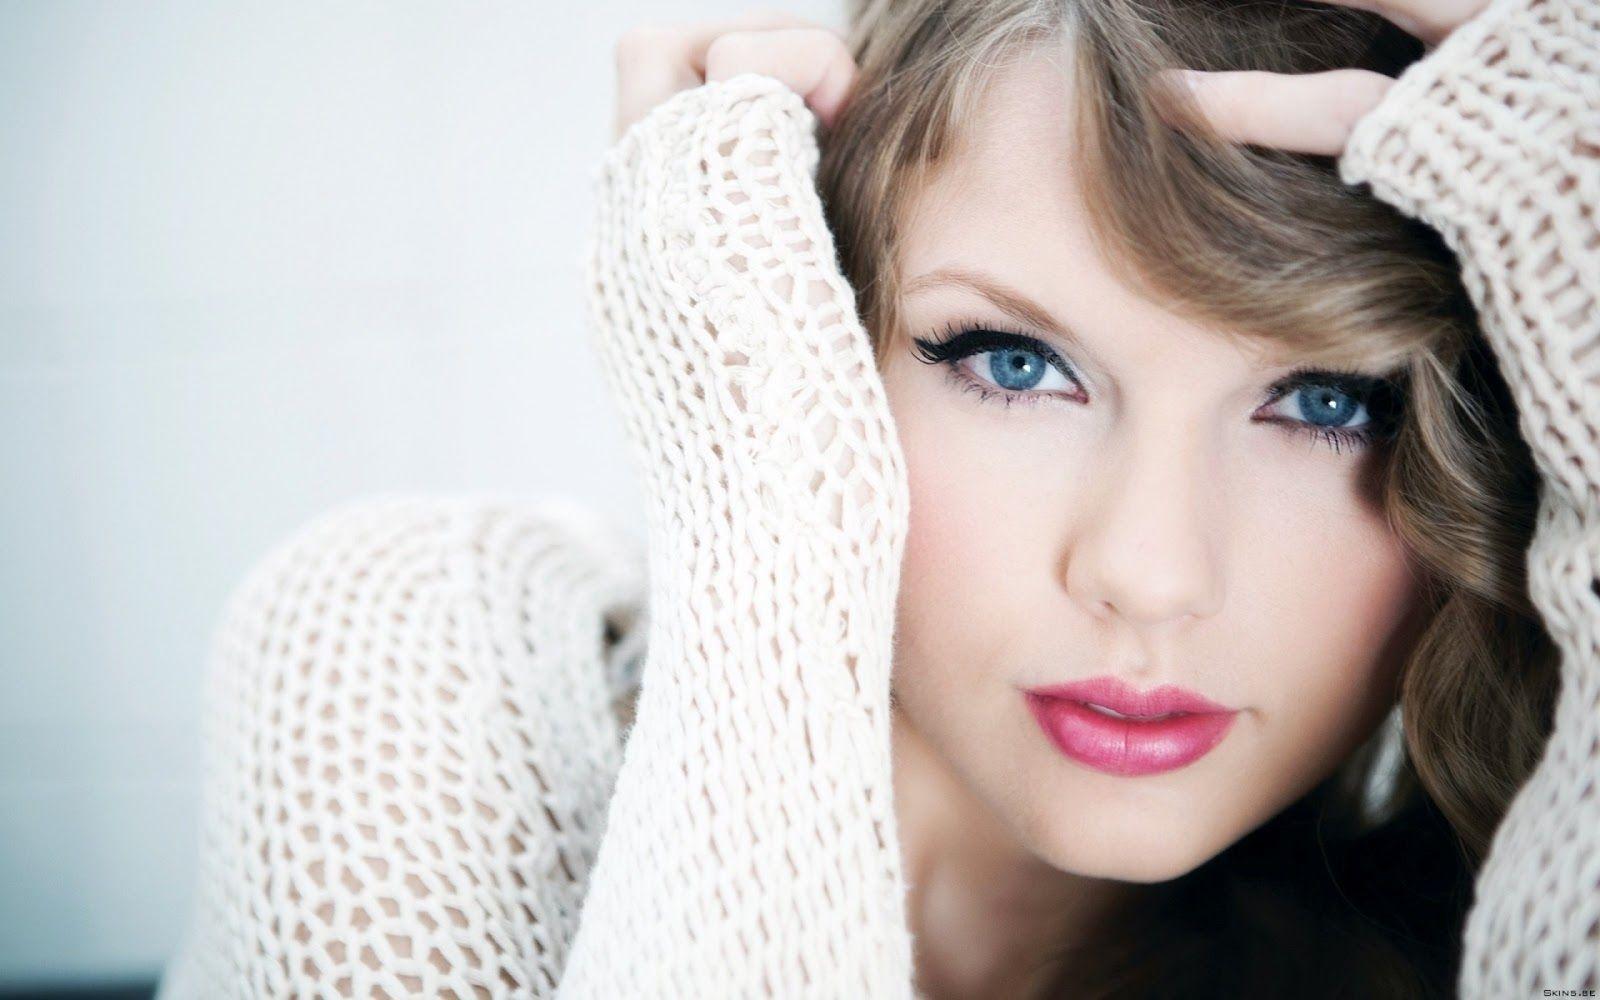 Hd wallpaper cute girl - Images Of Cute Girls Girl Face Best Cute Girl Face Best Hd